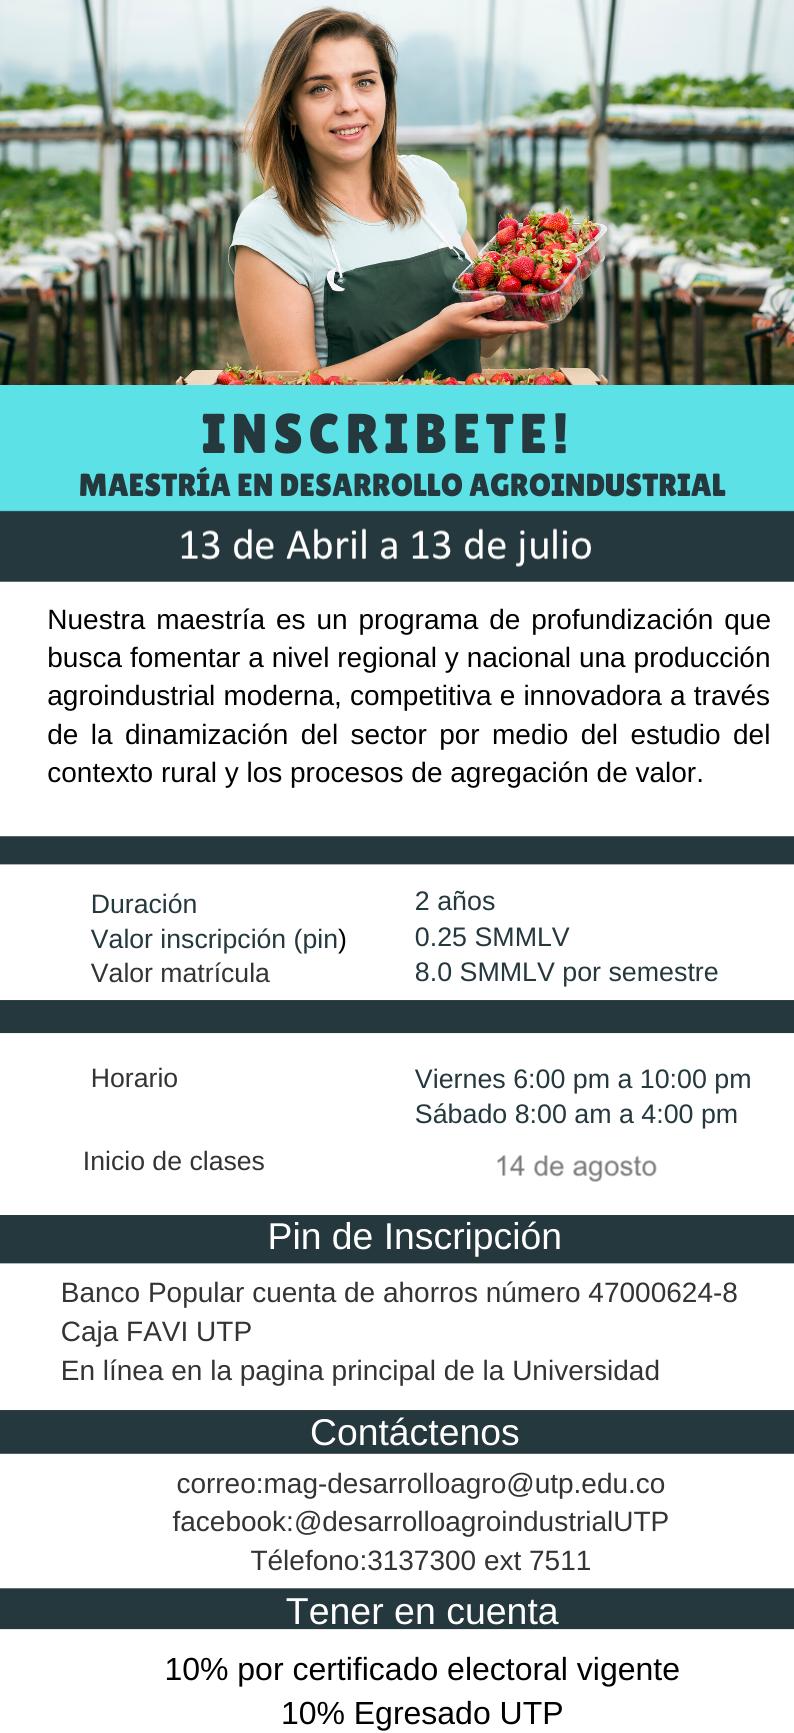 Inscripciones abiertas Maestría en Desarollo Agroindustrial